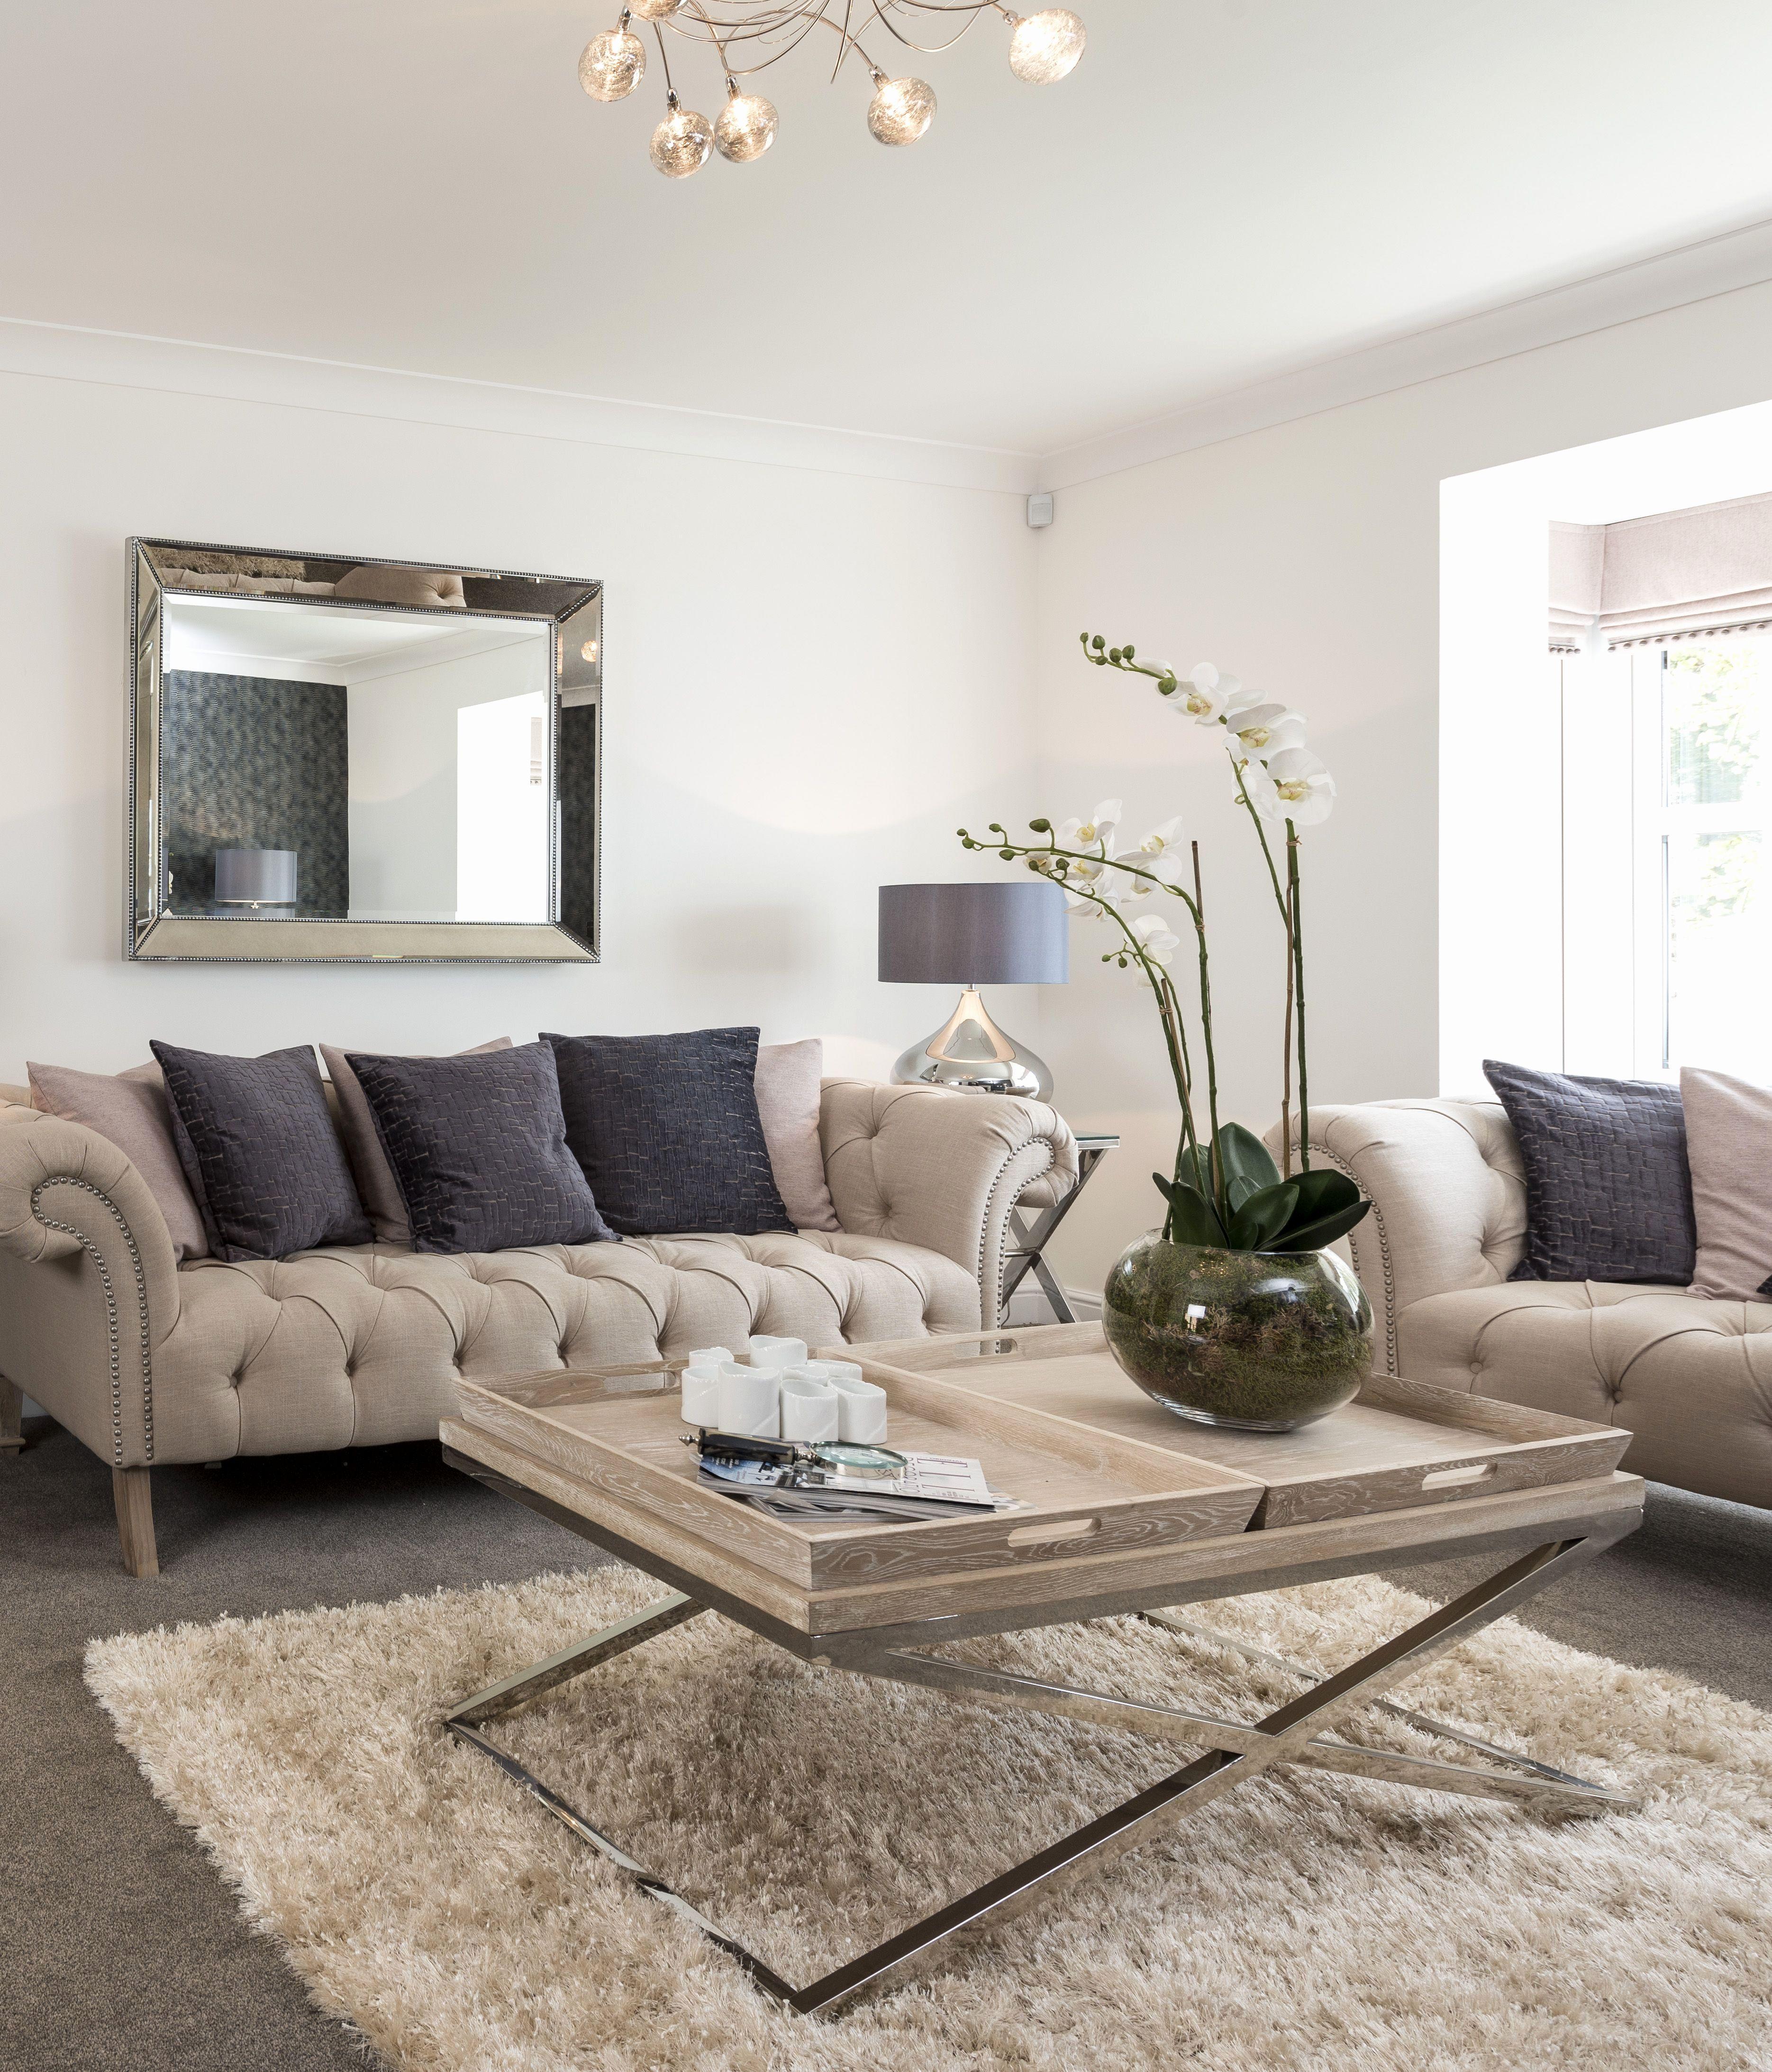 Finest Living Room Images June 2018 Lounge Design Ideas 2018